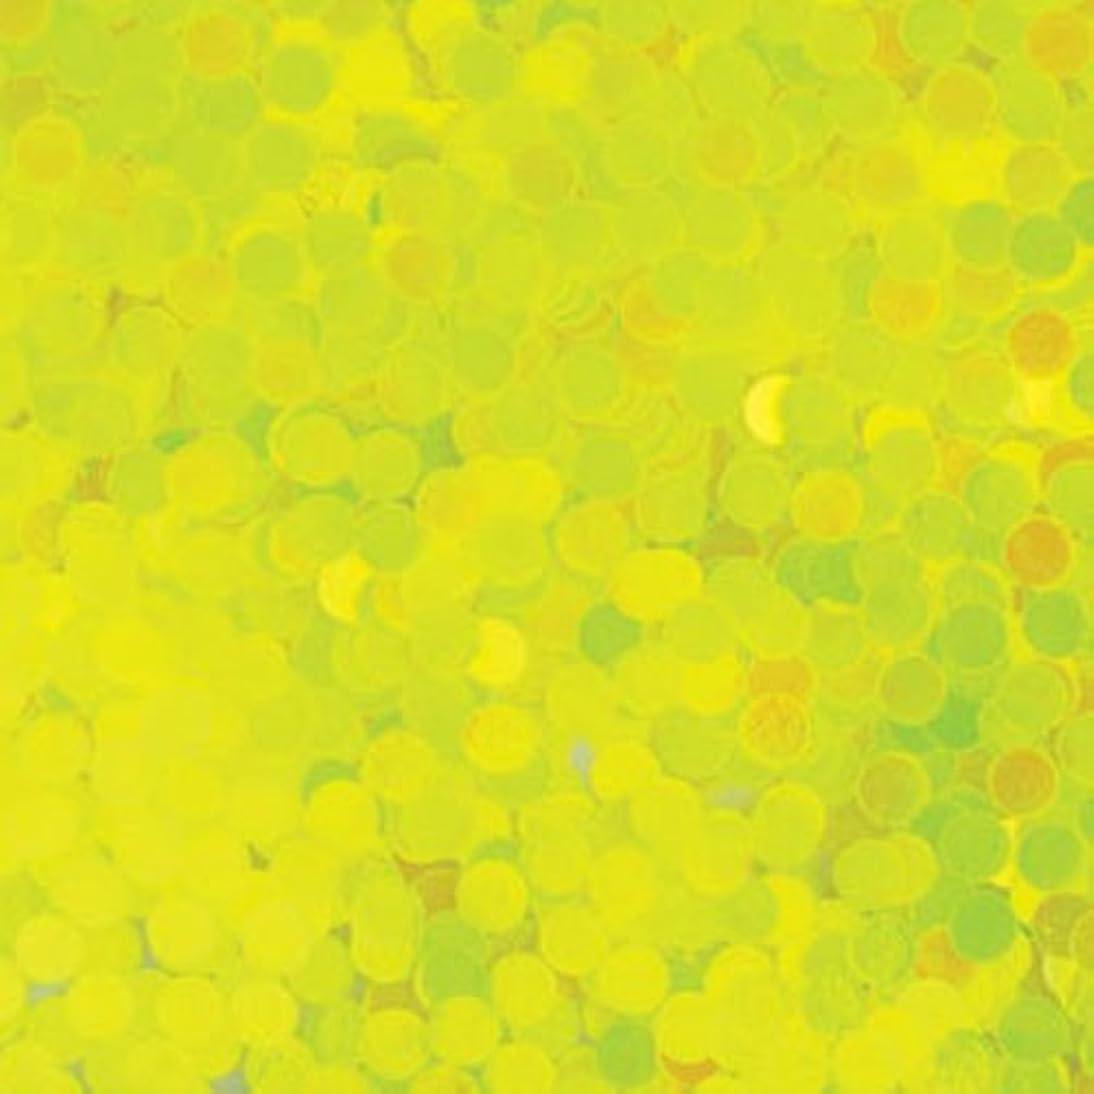 詩人糸持つピカエース ネイル用パウダー 丸蛍光 2mm #446 レモン 0.5g